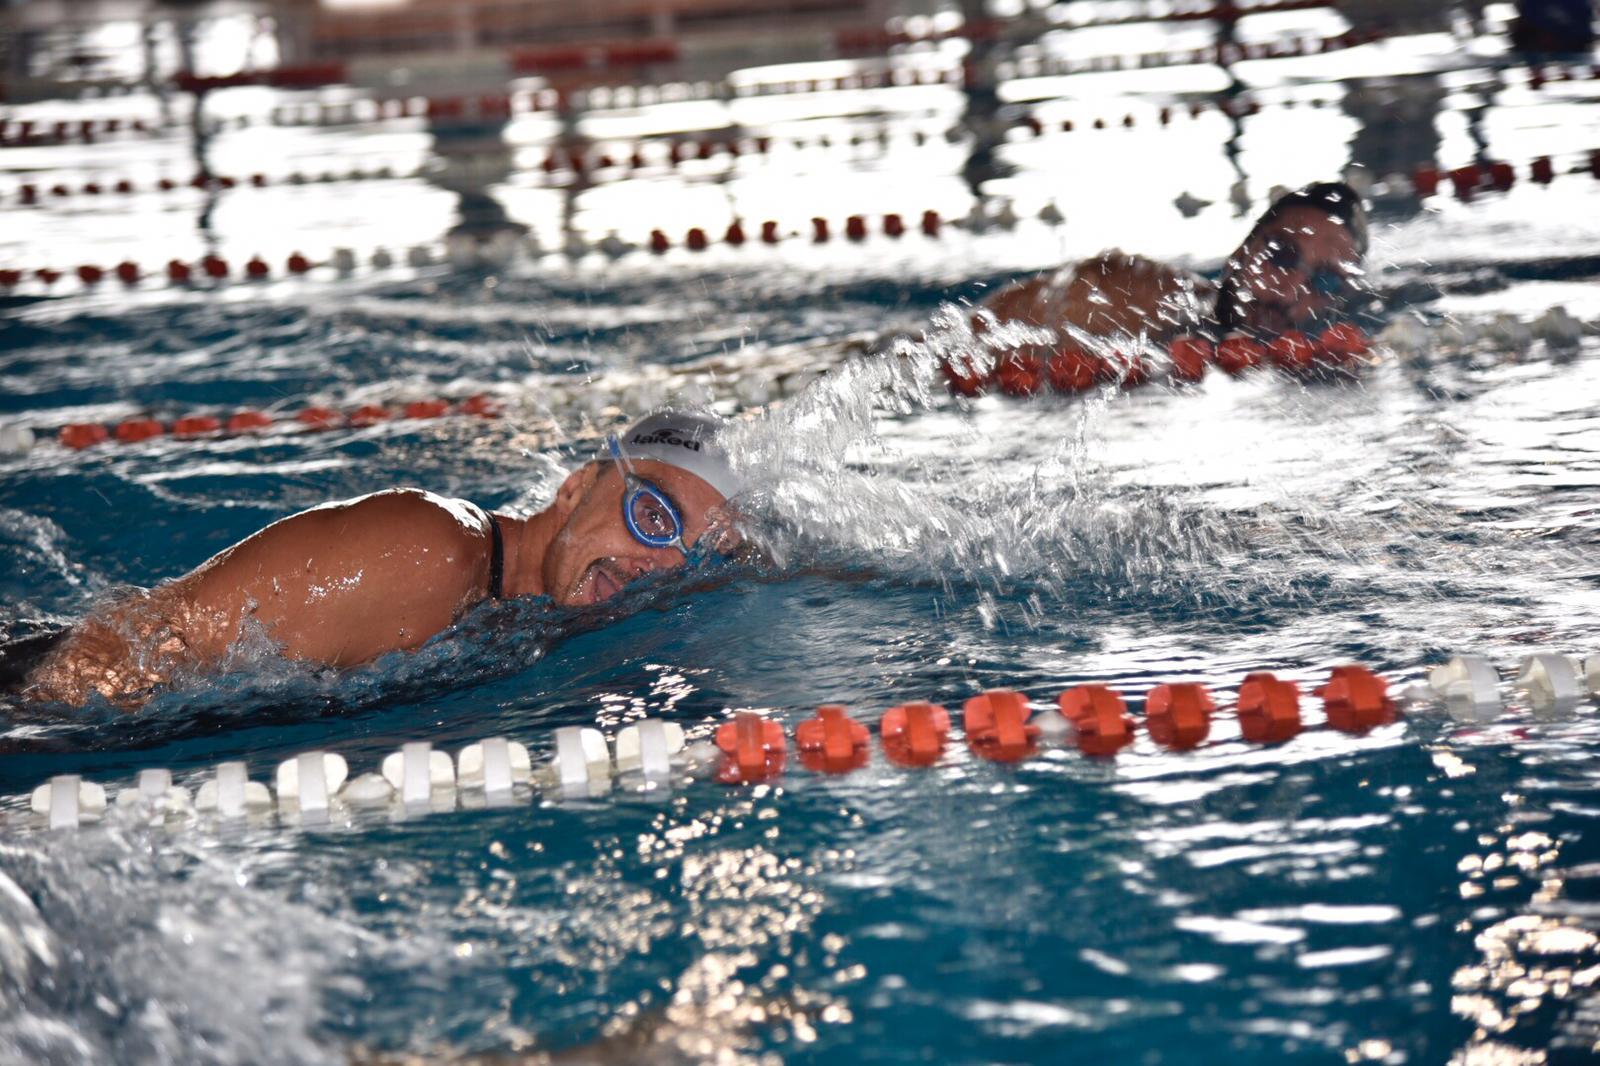 L'impresa è riuscita: Marco Fratini ha nuotato 100 km di seguito in vasca corta.